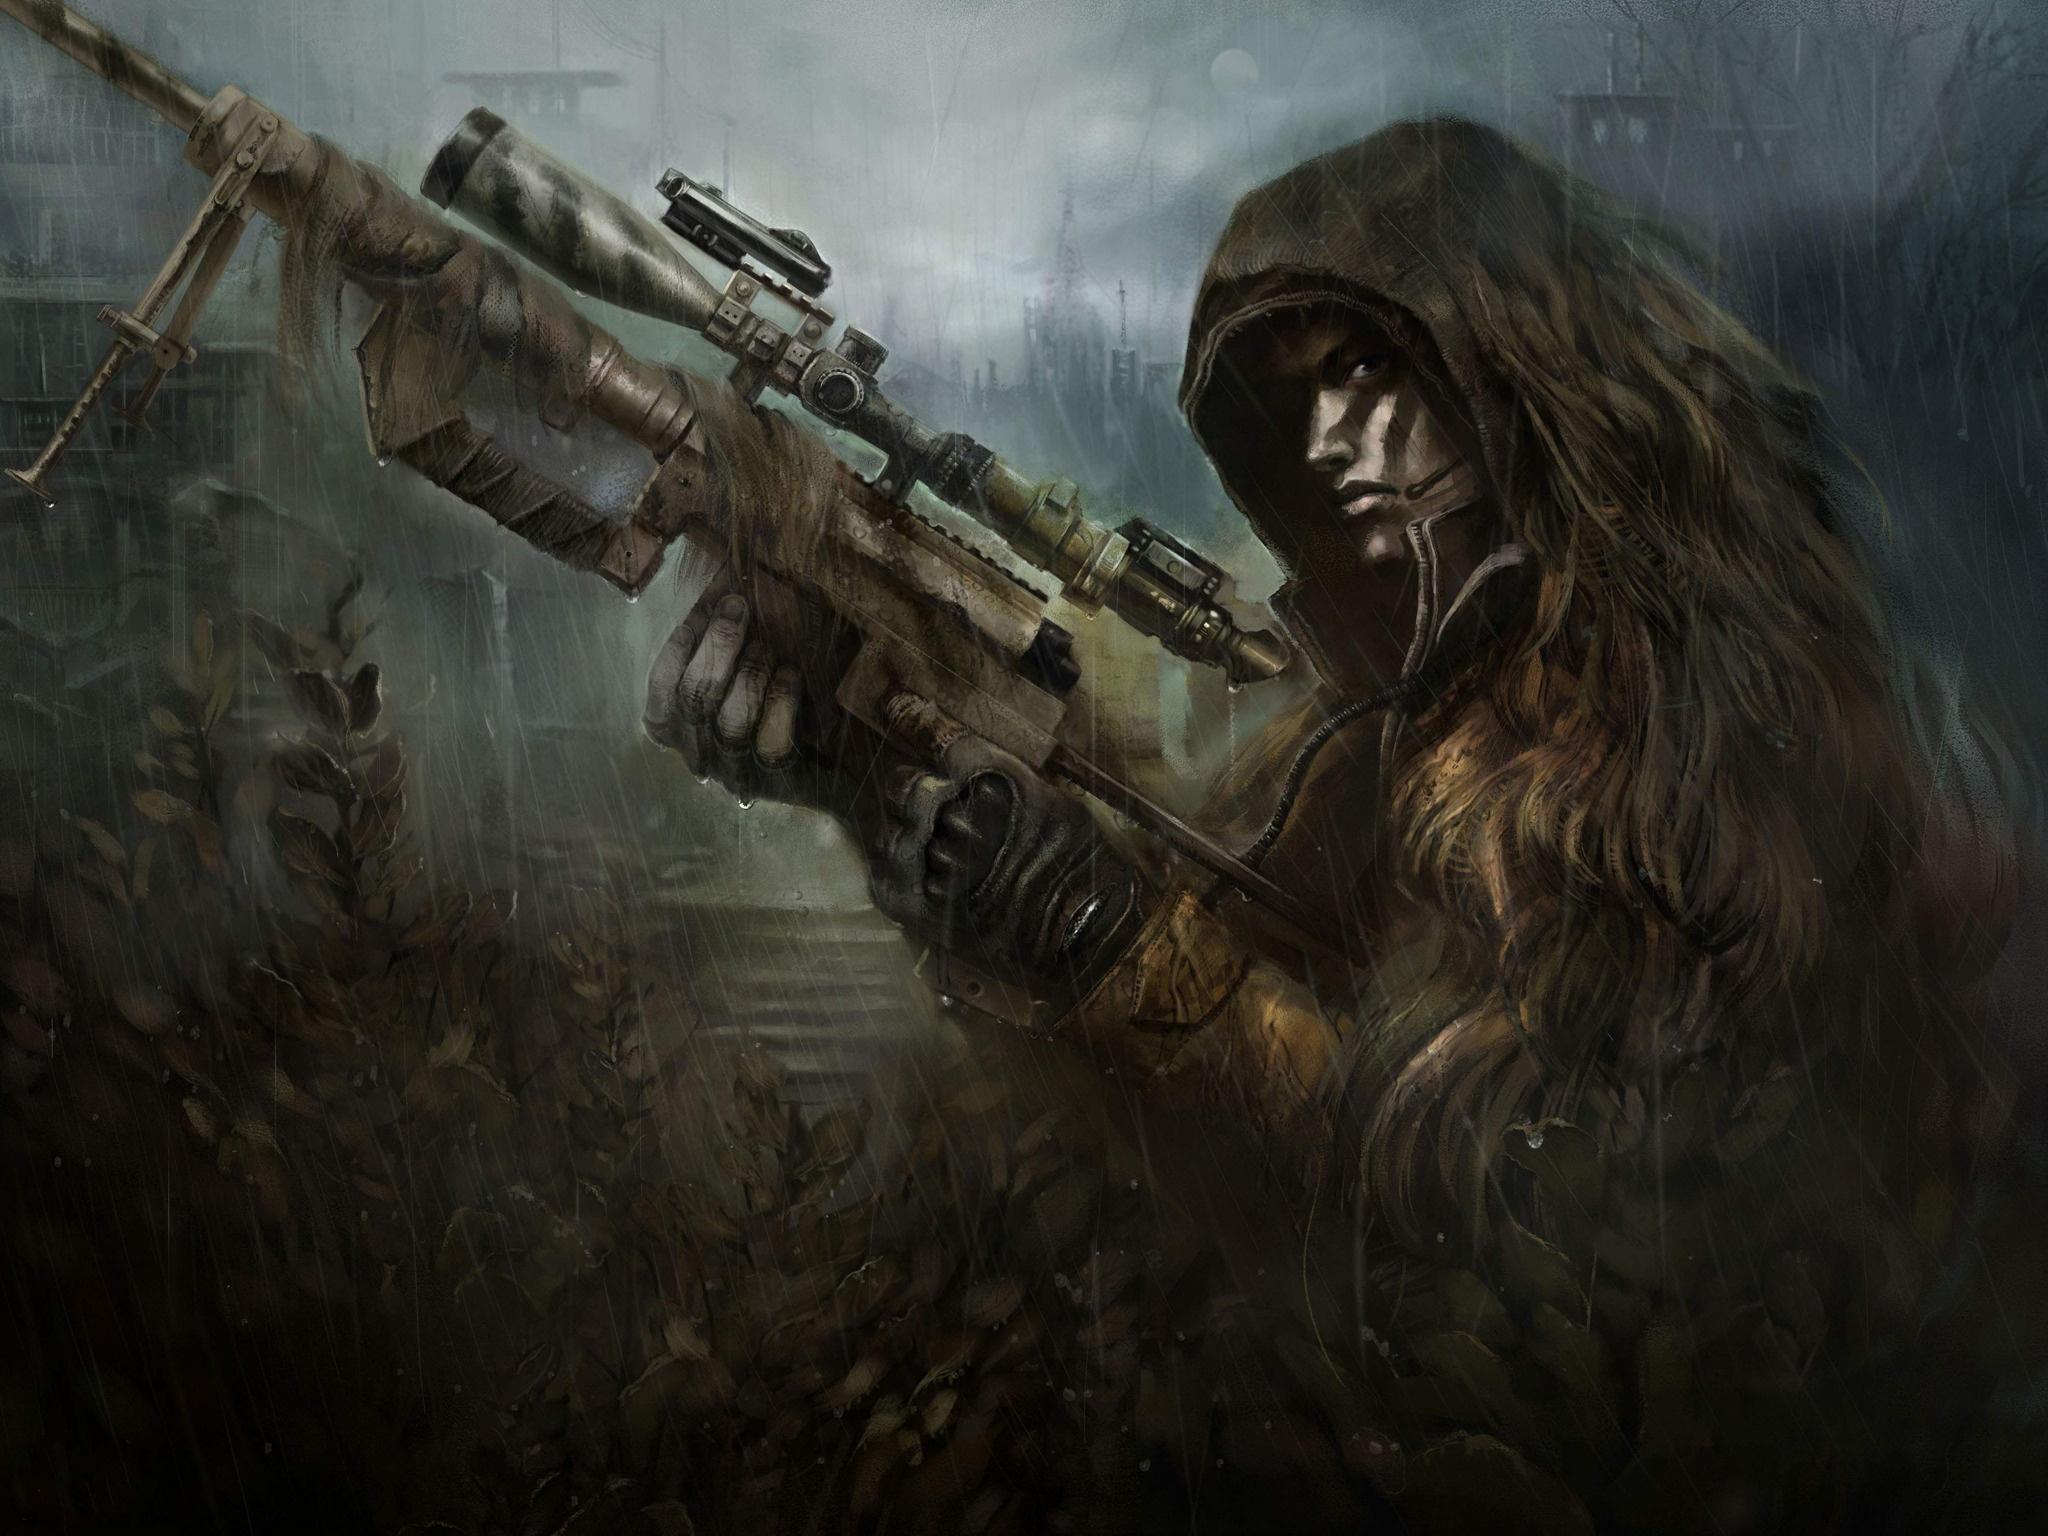 the sniper camo Wallpaper Background 48559 2048x1536